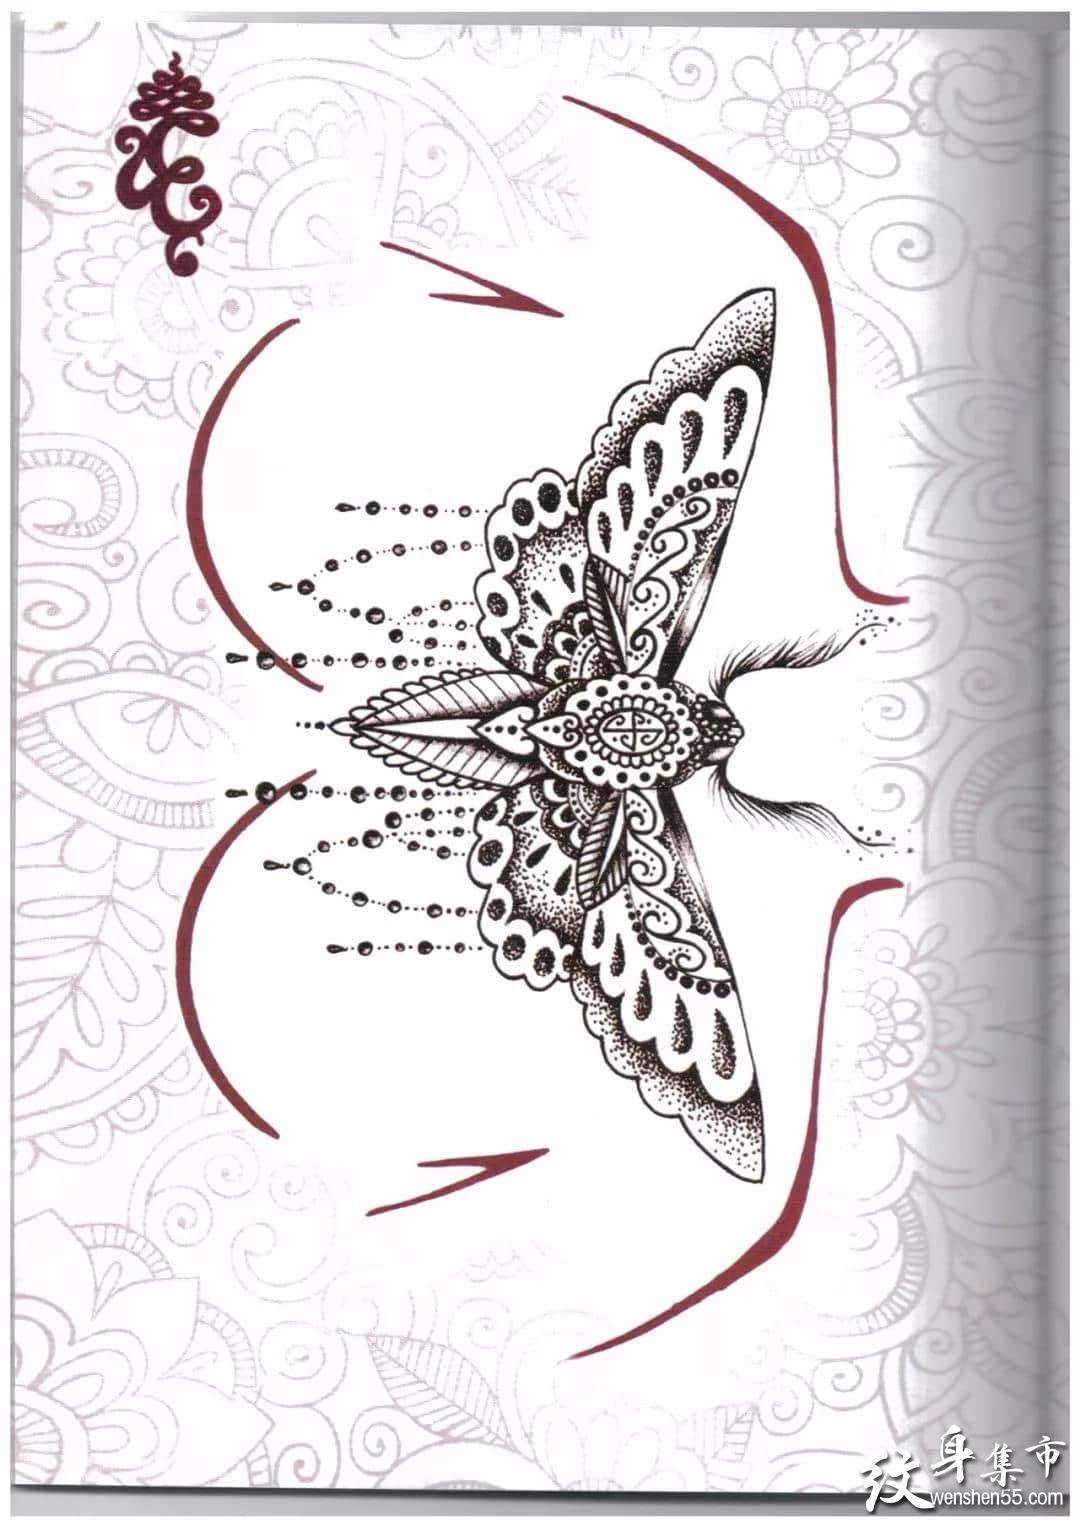 点刺花胸纹身,点刺花胸纹身手稿,点刺花胸纹身手稿图案